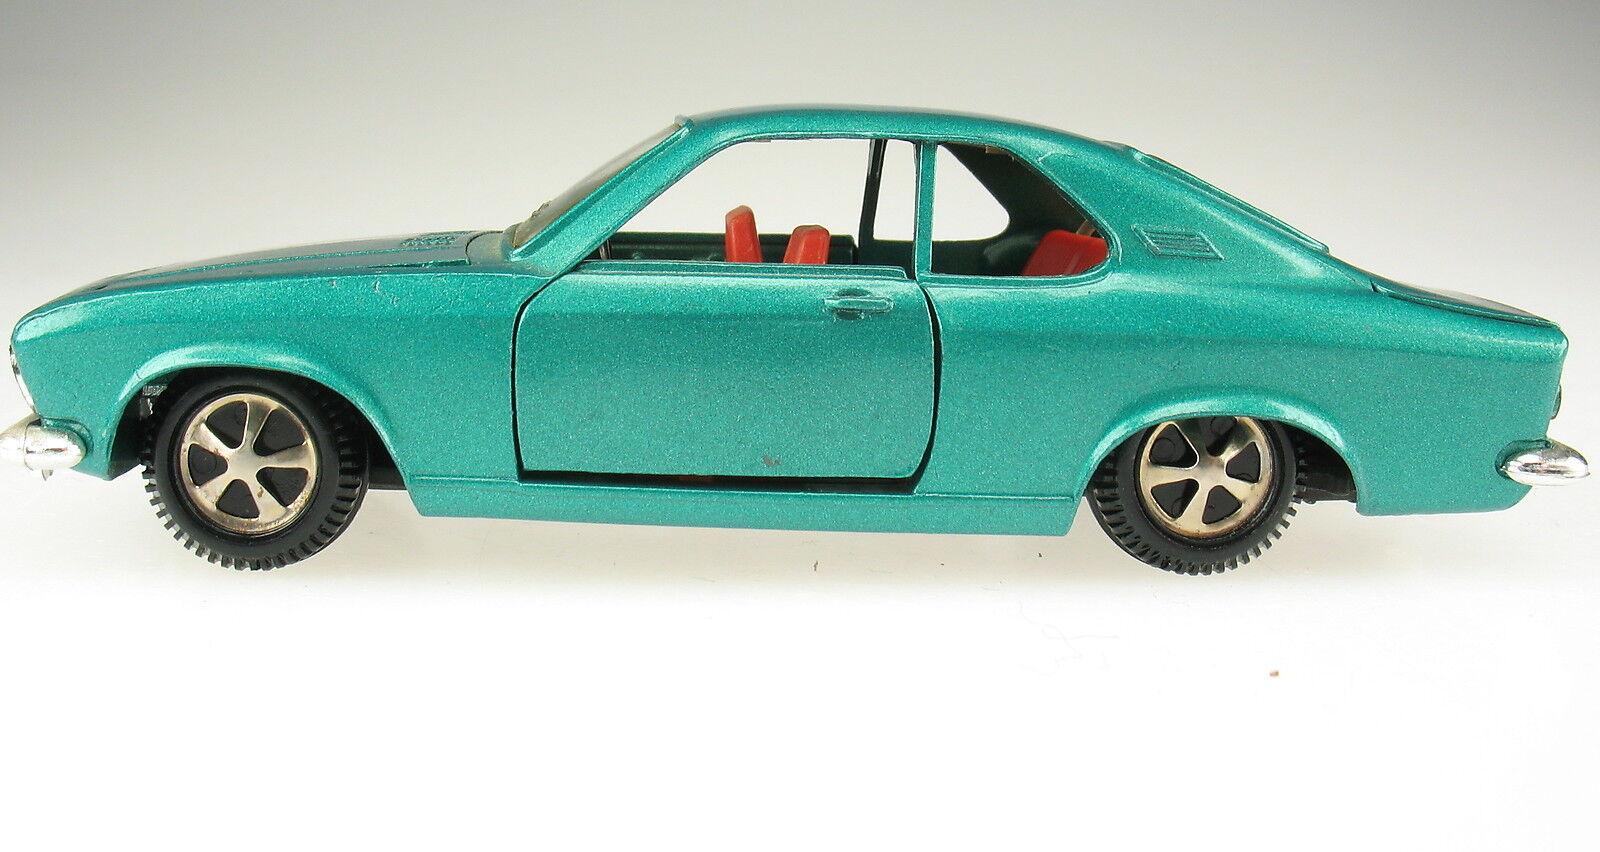 MÄRKLIN MÄRKLIN MÄRKLIN 1835 - OPEL Manta - grün metallic -- RAK-Serie -- Modellauto  | New Product 2019  eb8ce8